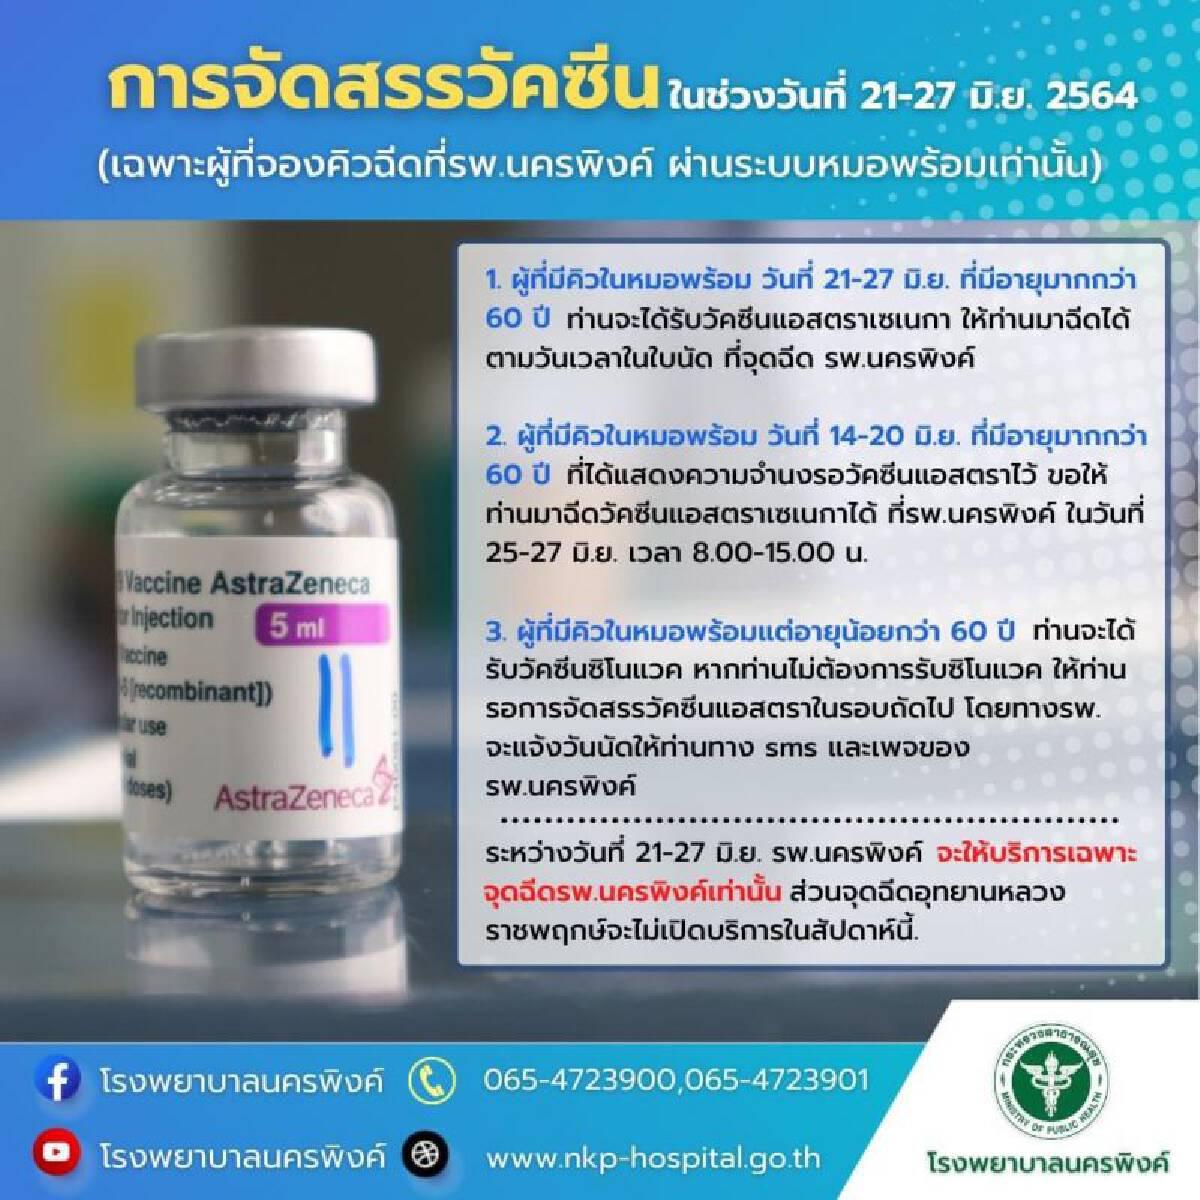 ร.พ.นครพิงค์ ลุยฉีดวัคซีน ช่วง21-27 มิ.ย.นี้